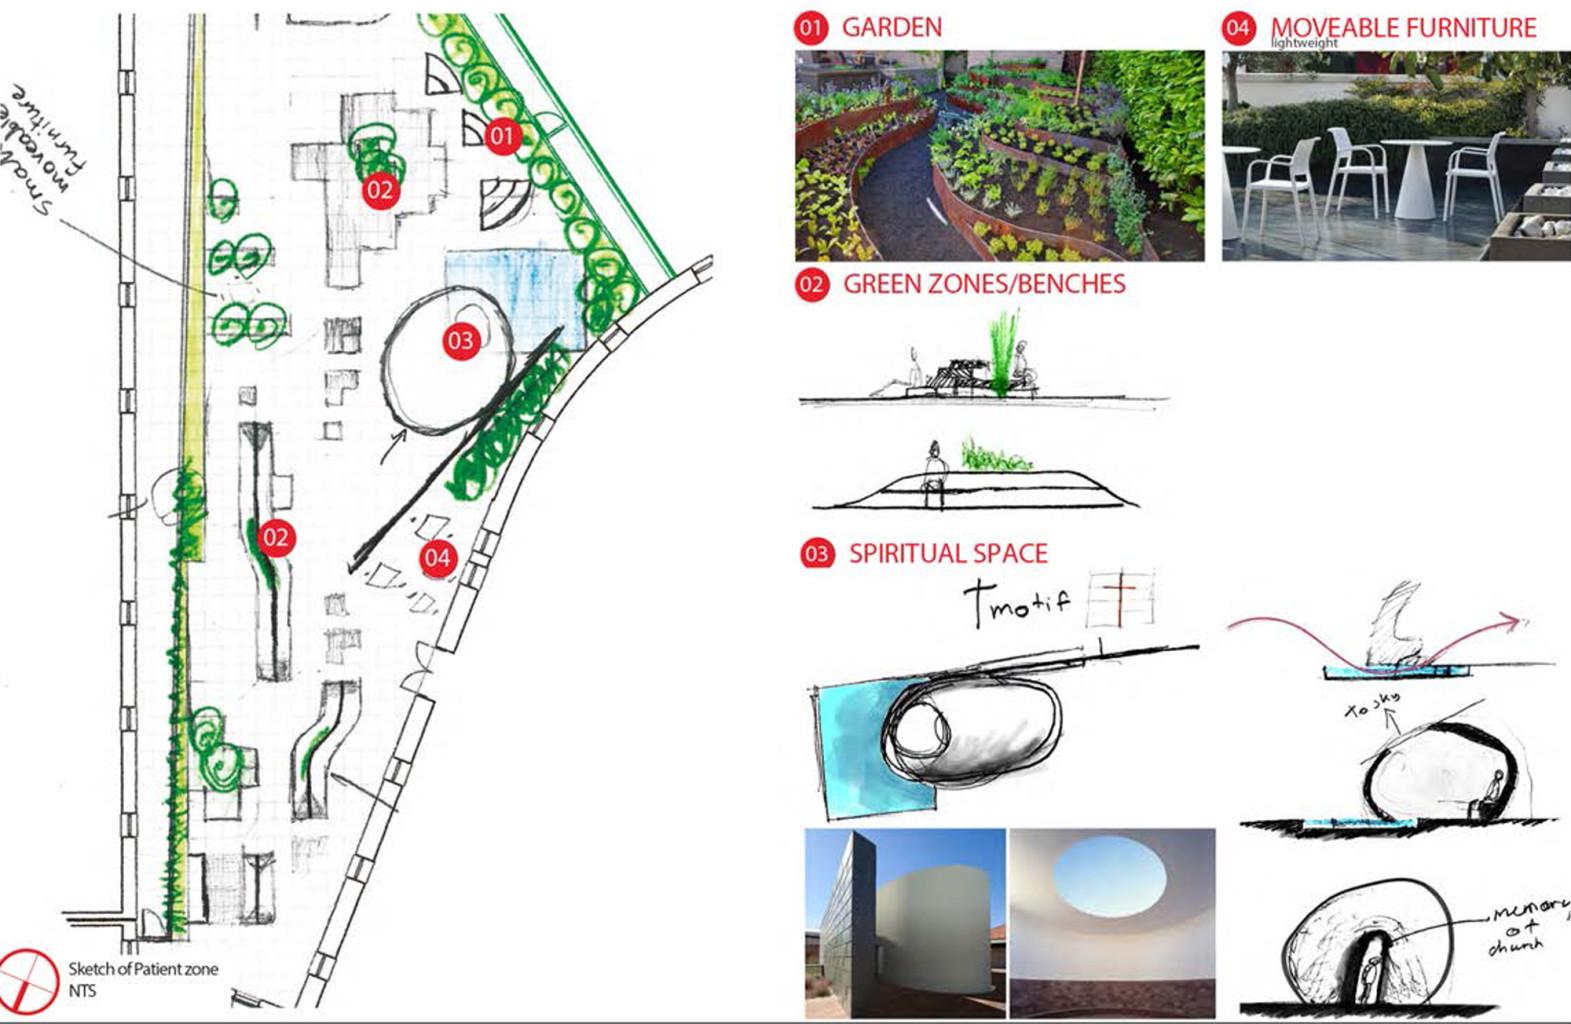 Garden Oncology center 7